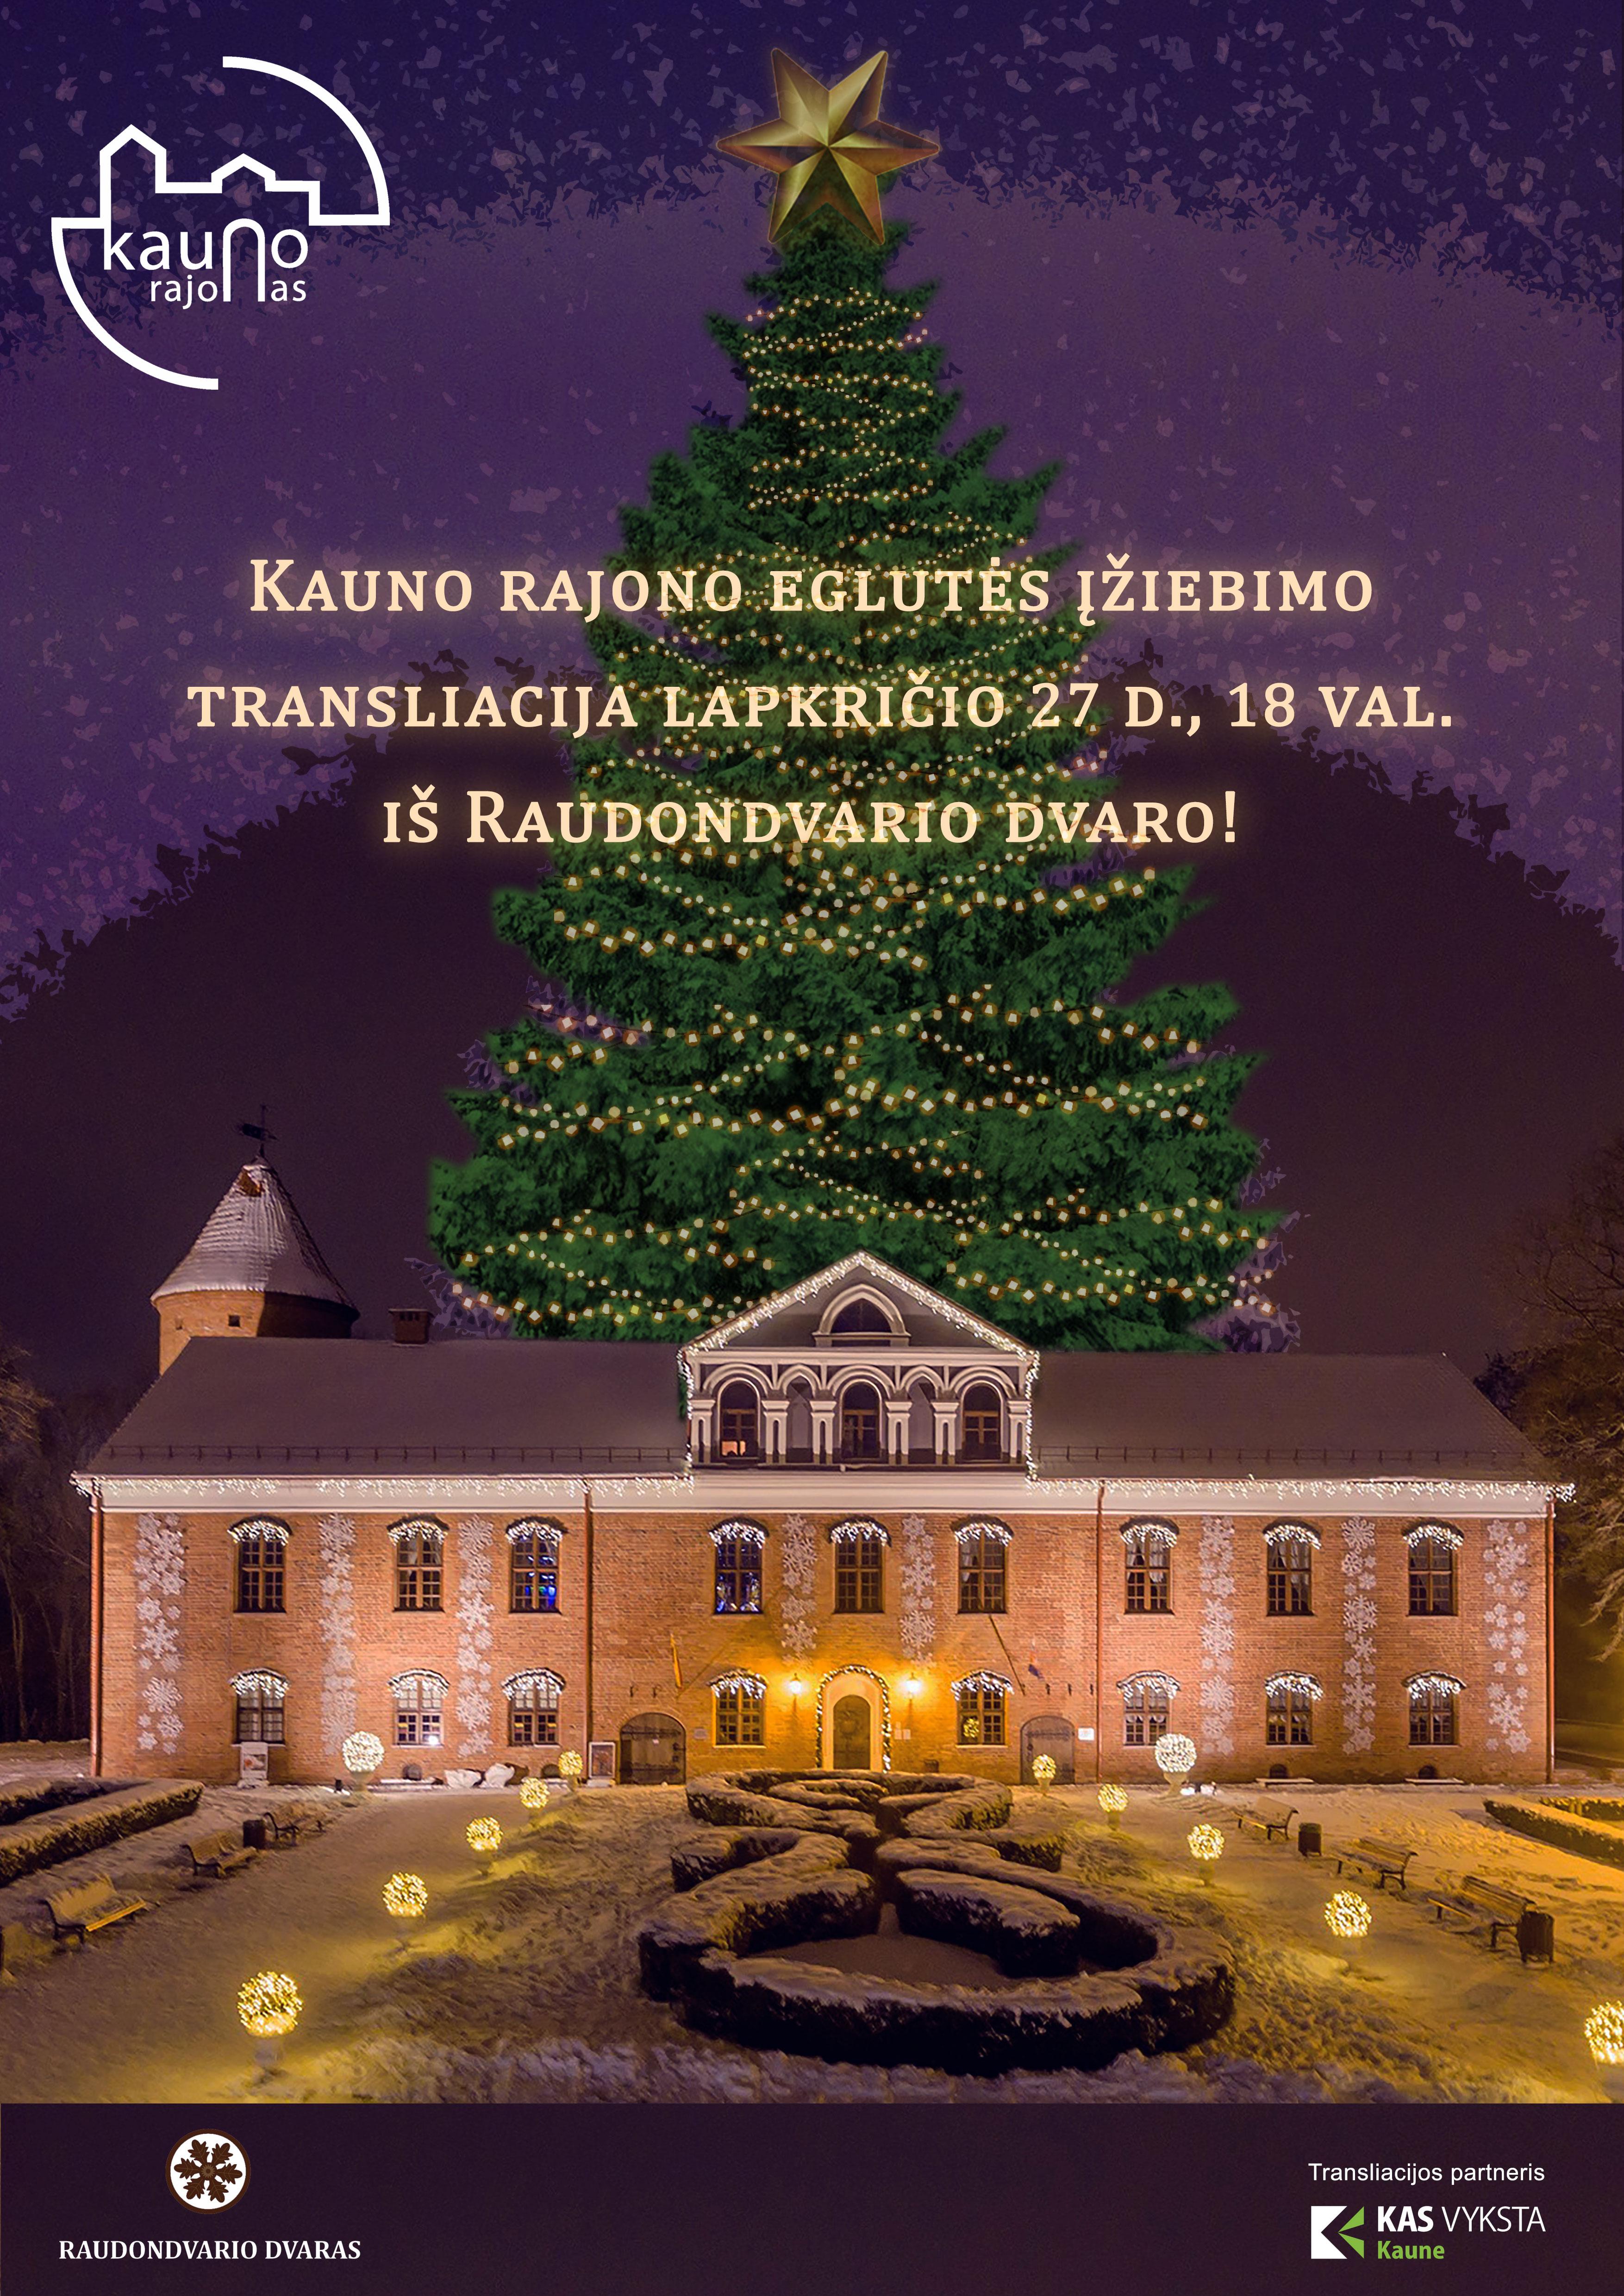 Virtuali Kauno rajono Kalėdų eglutės įžiebimo ceremonija!